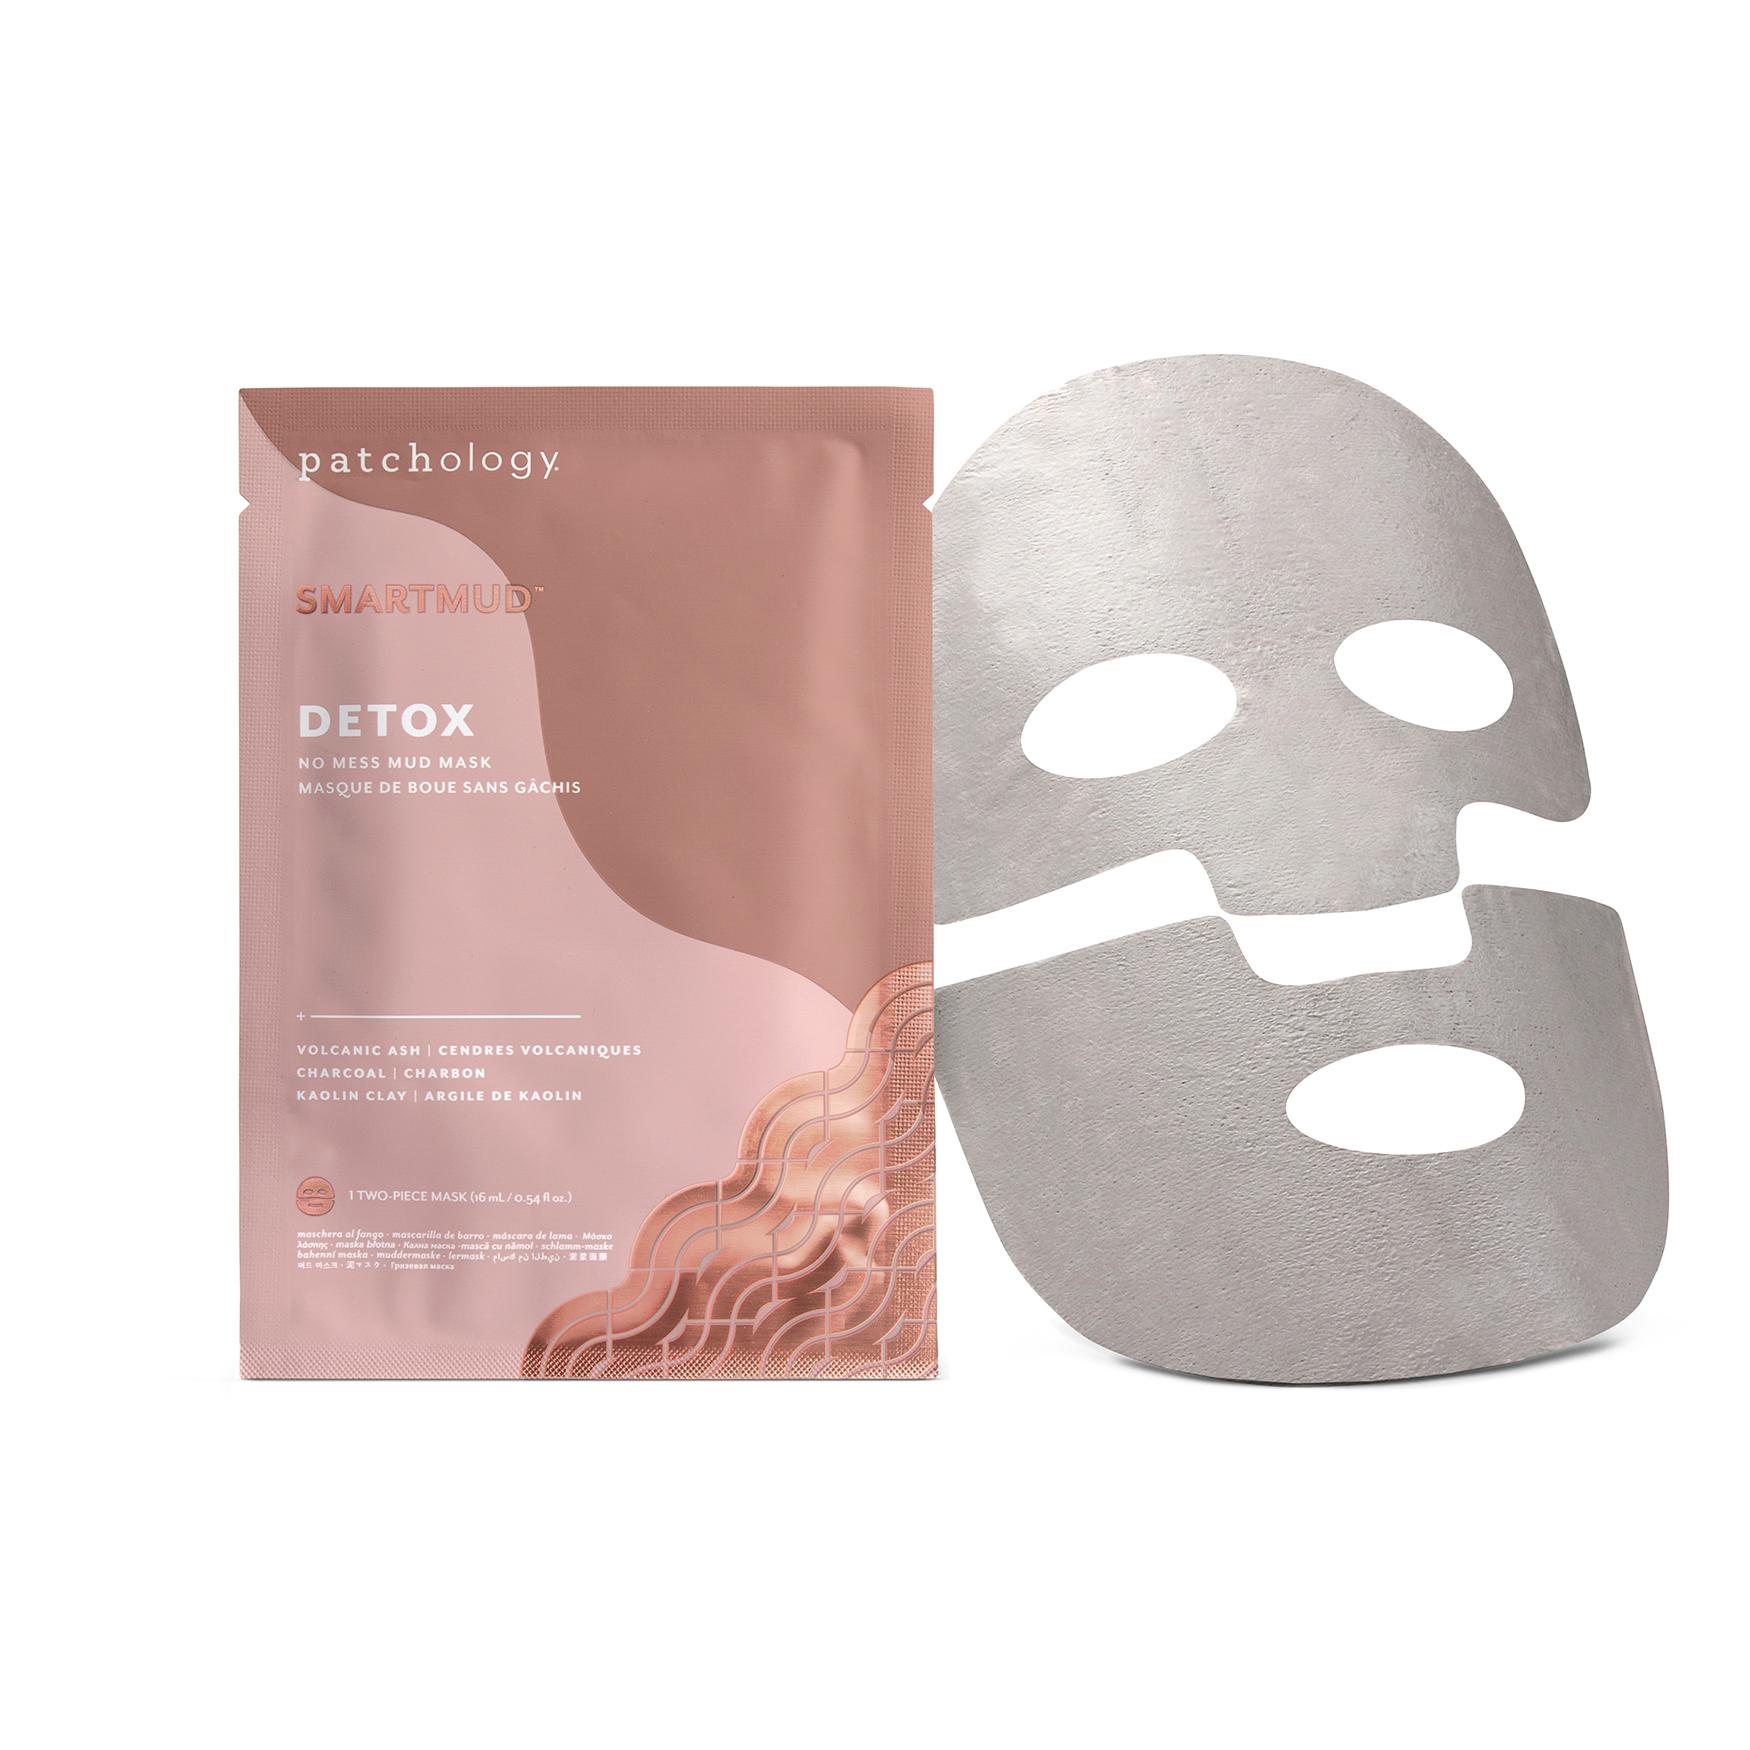 SmartMud No Mess Mud Masque: Detox, , large